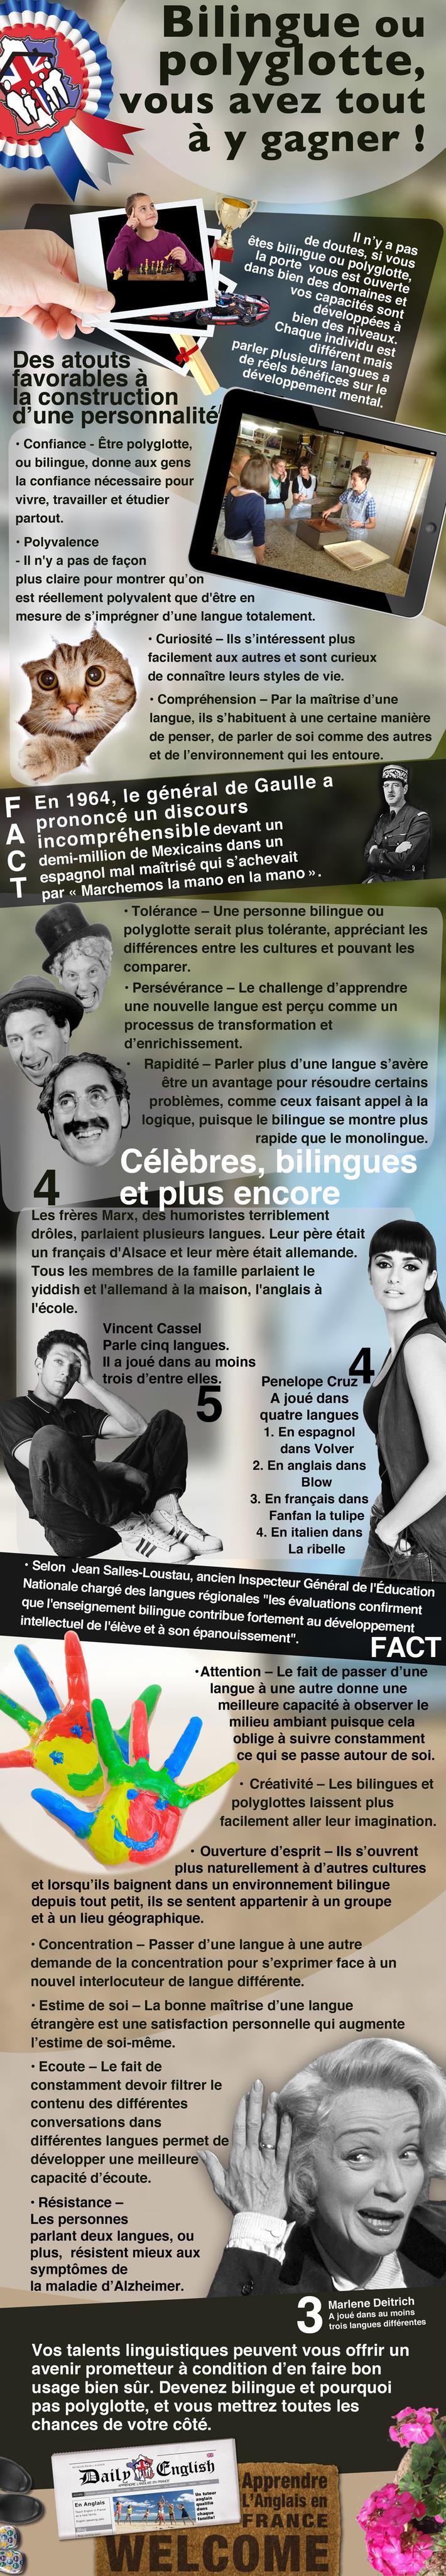 Bilingue ou polyglotte, quelle liberté de s'exprimer !